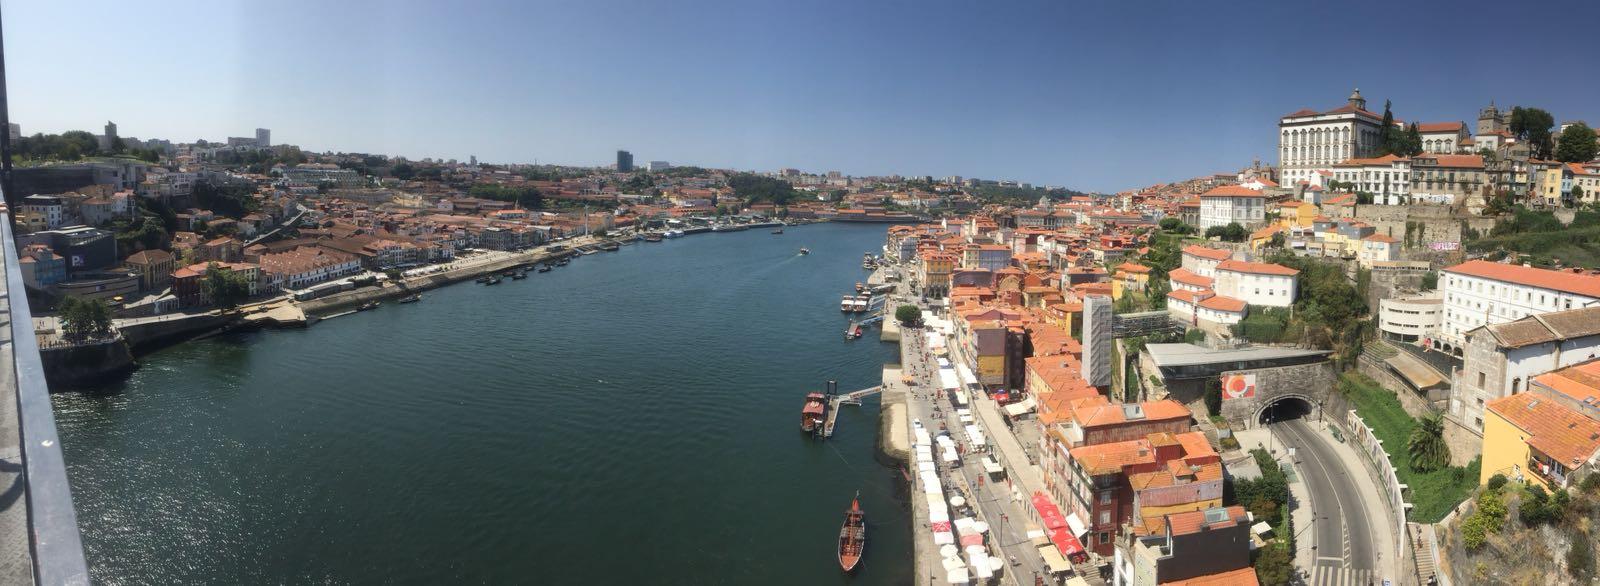 porto_2018-15